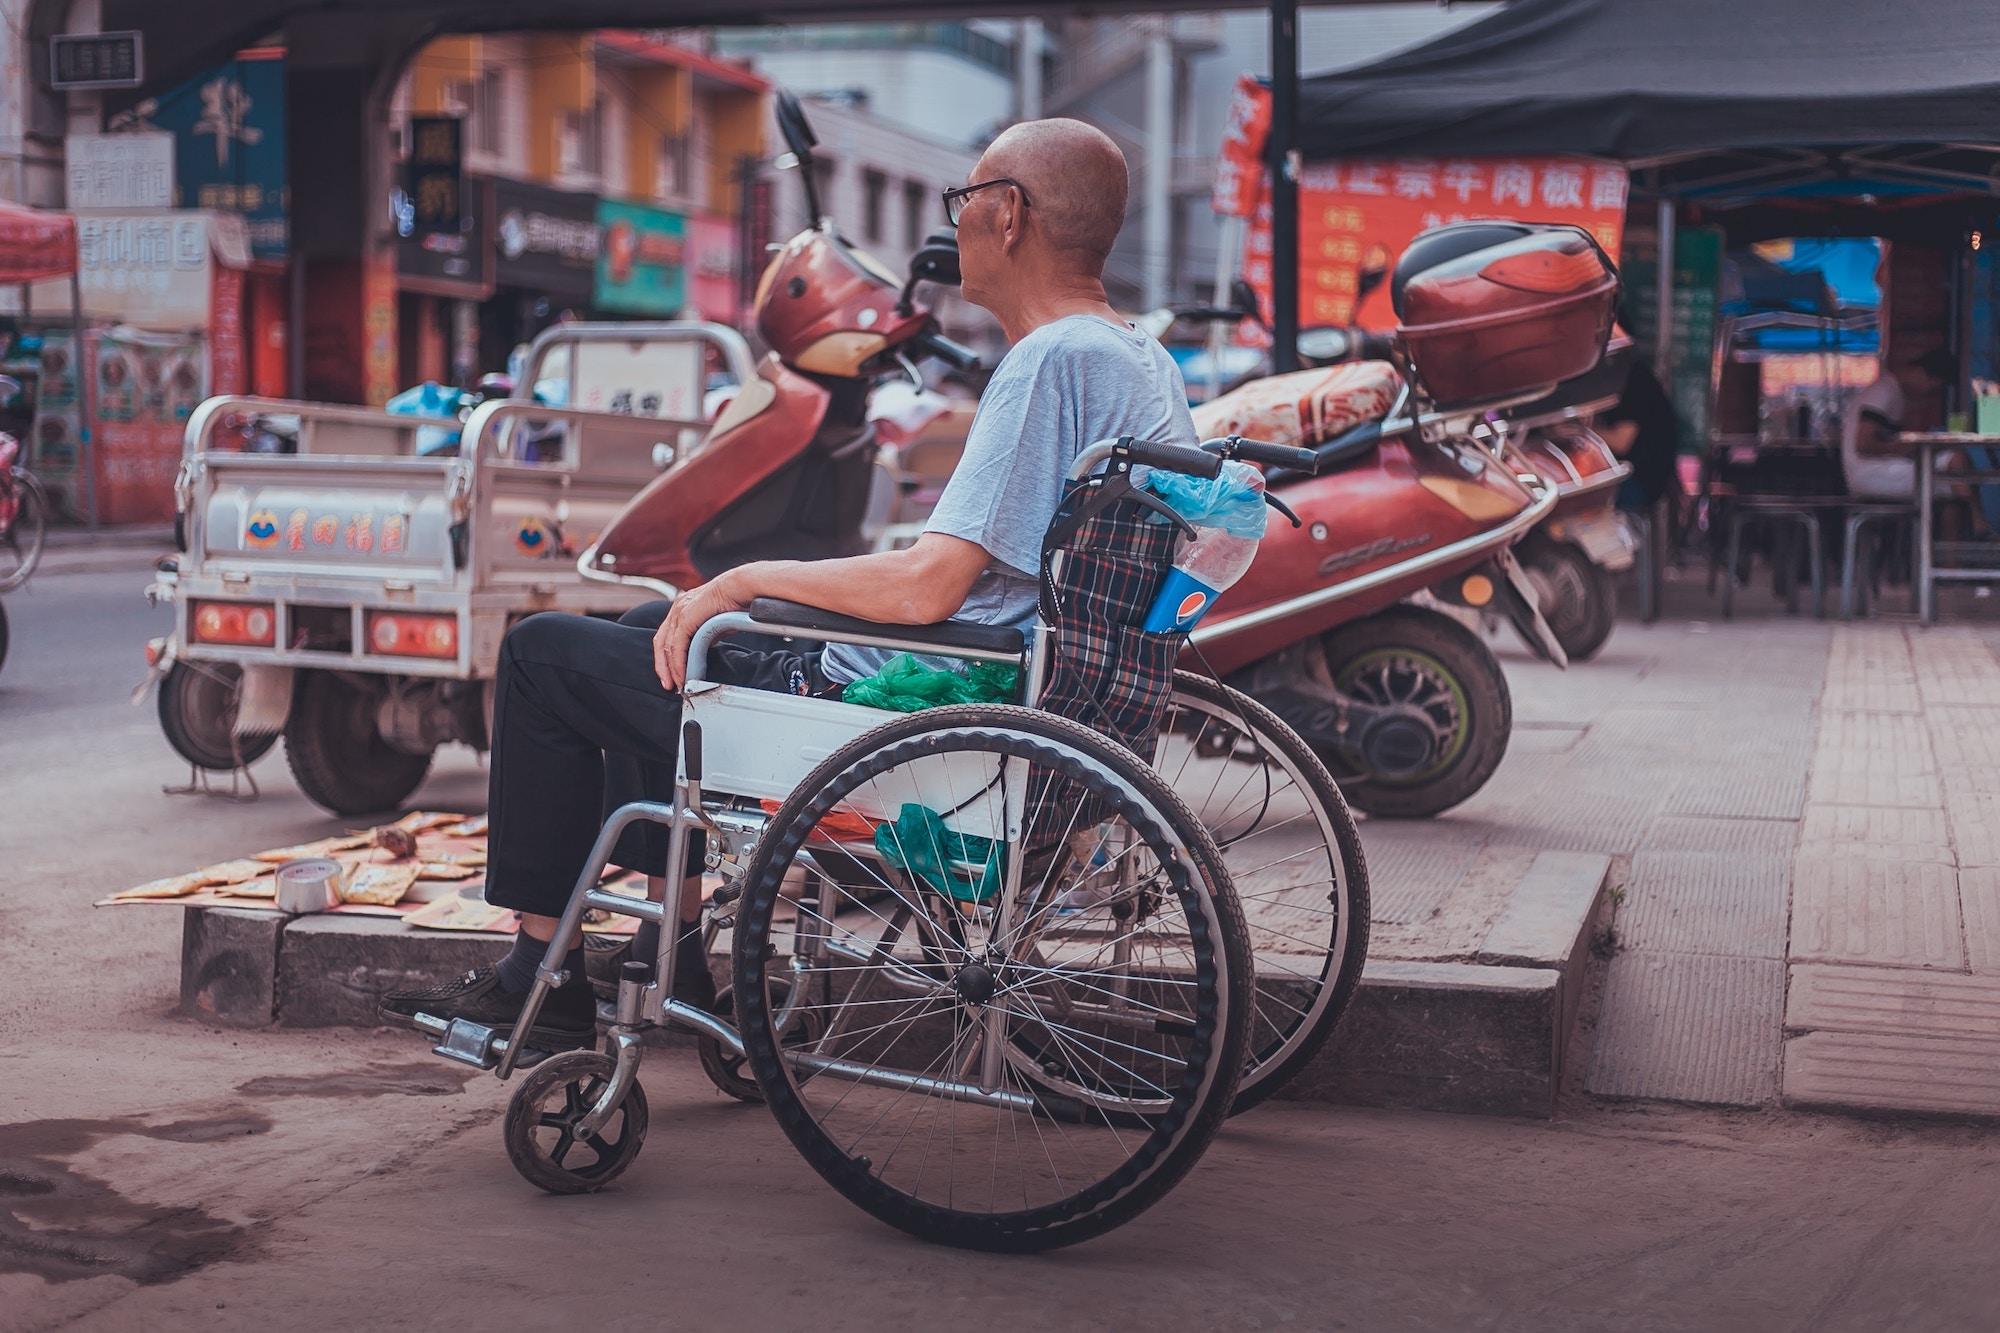 Nezvyčnyj šerynğ: U Kytaї zapustyly startap iz invalidnymy vizkamy